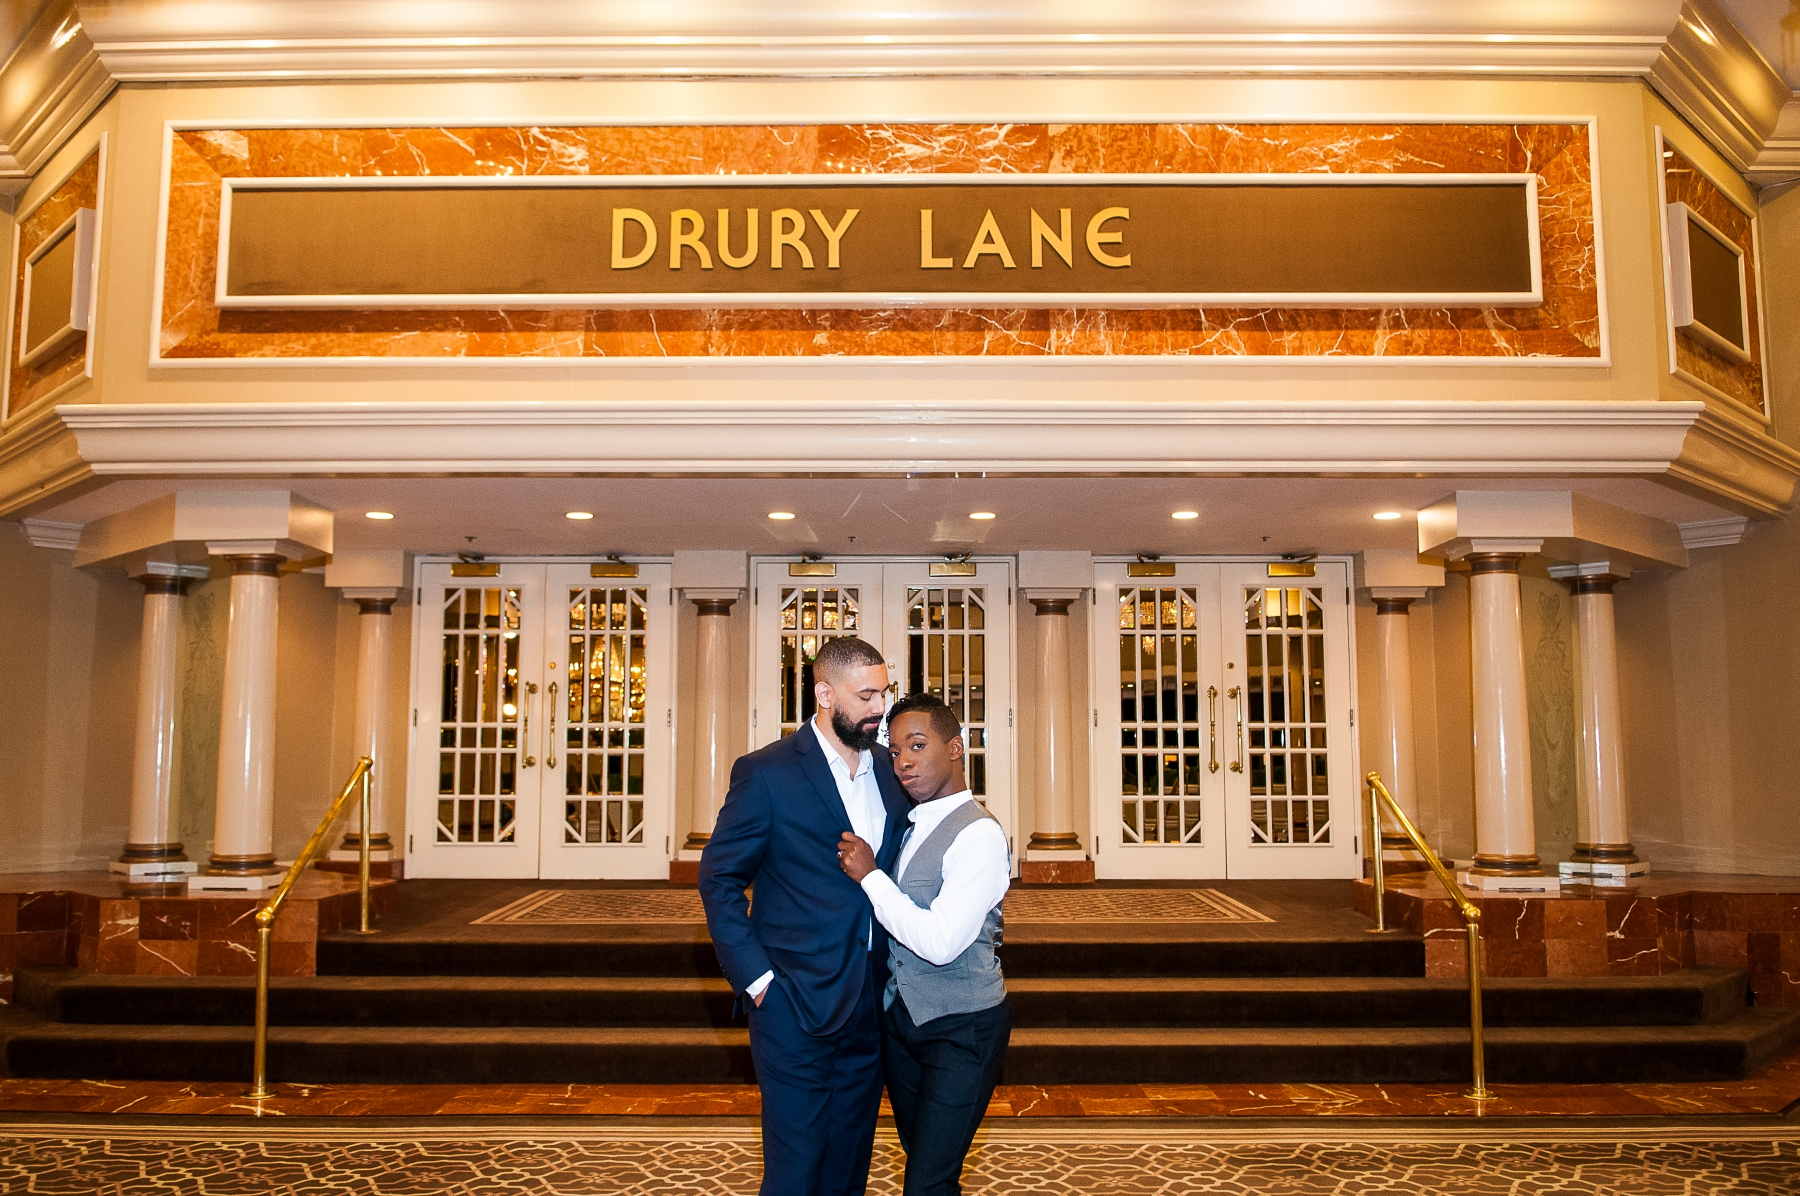 Drury-Lane_005